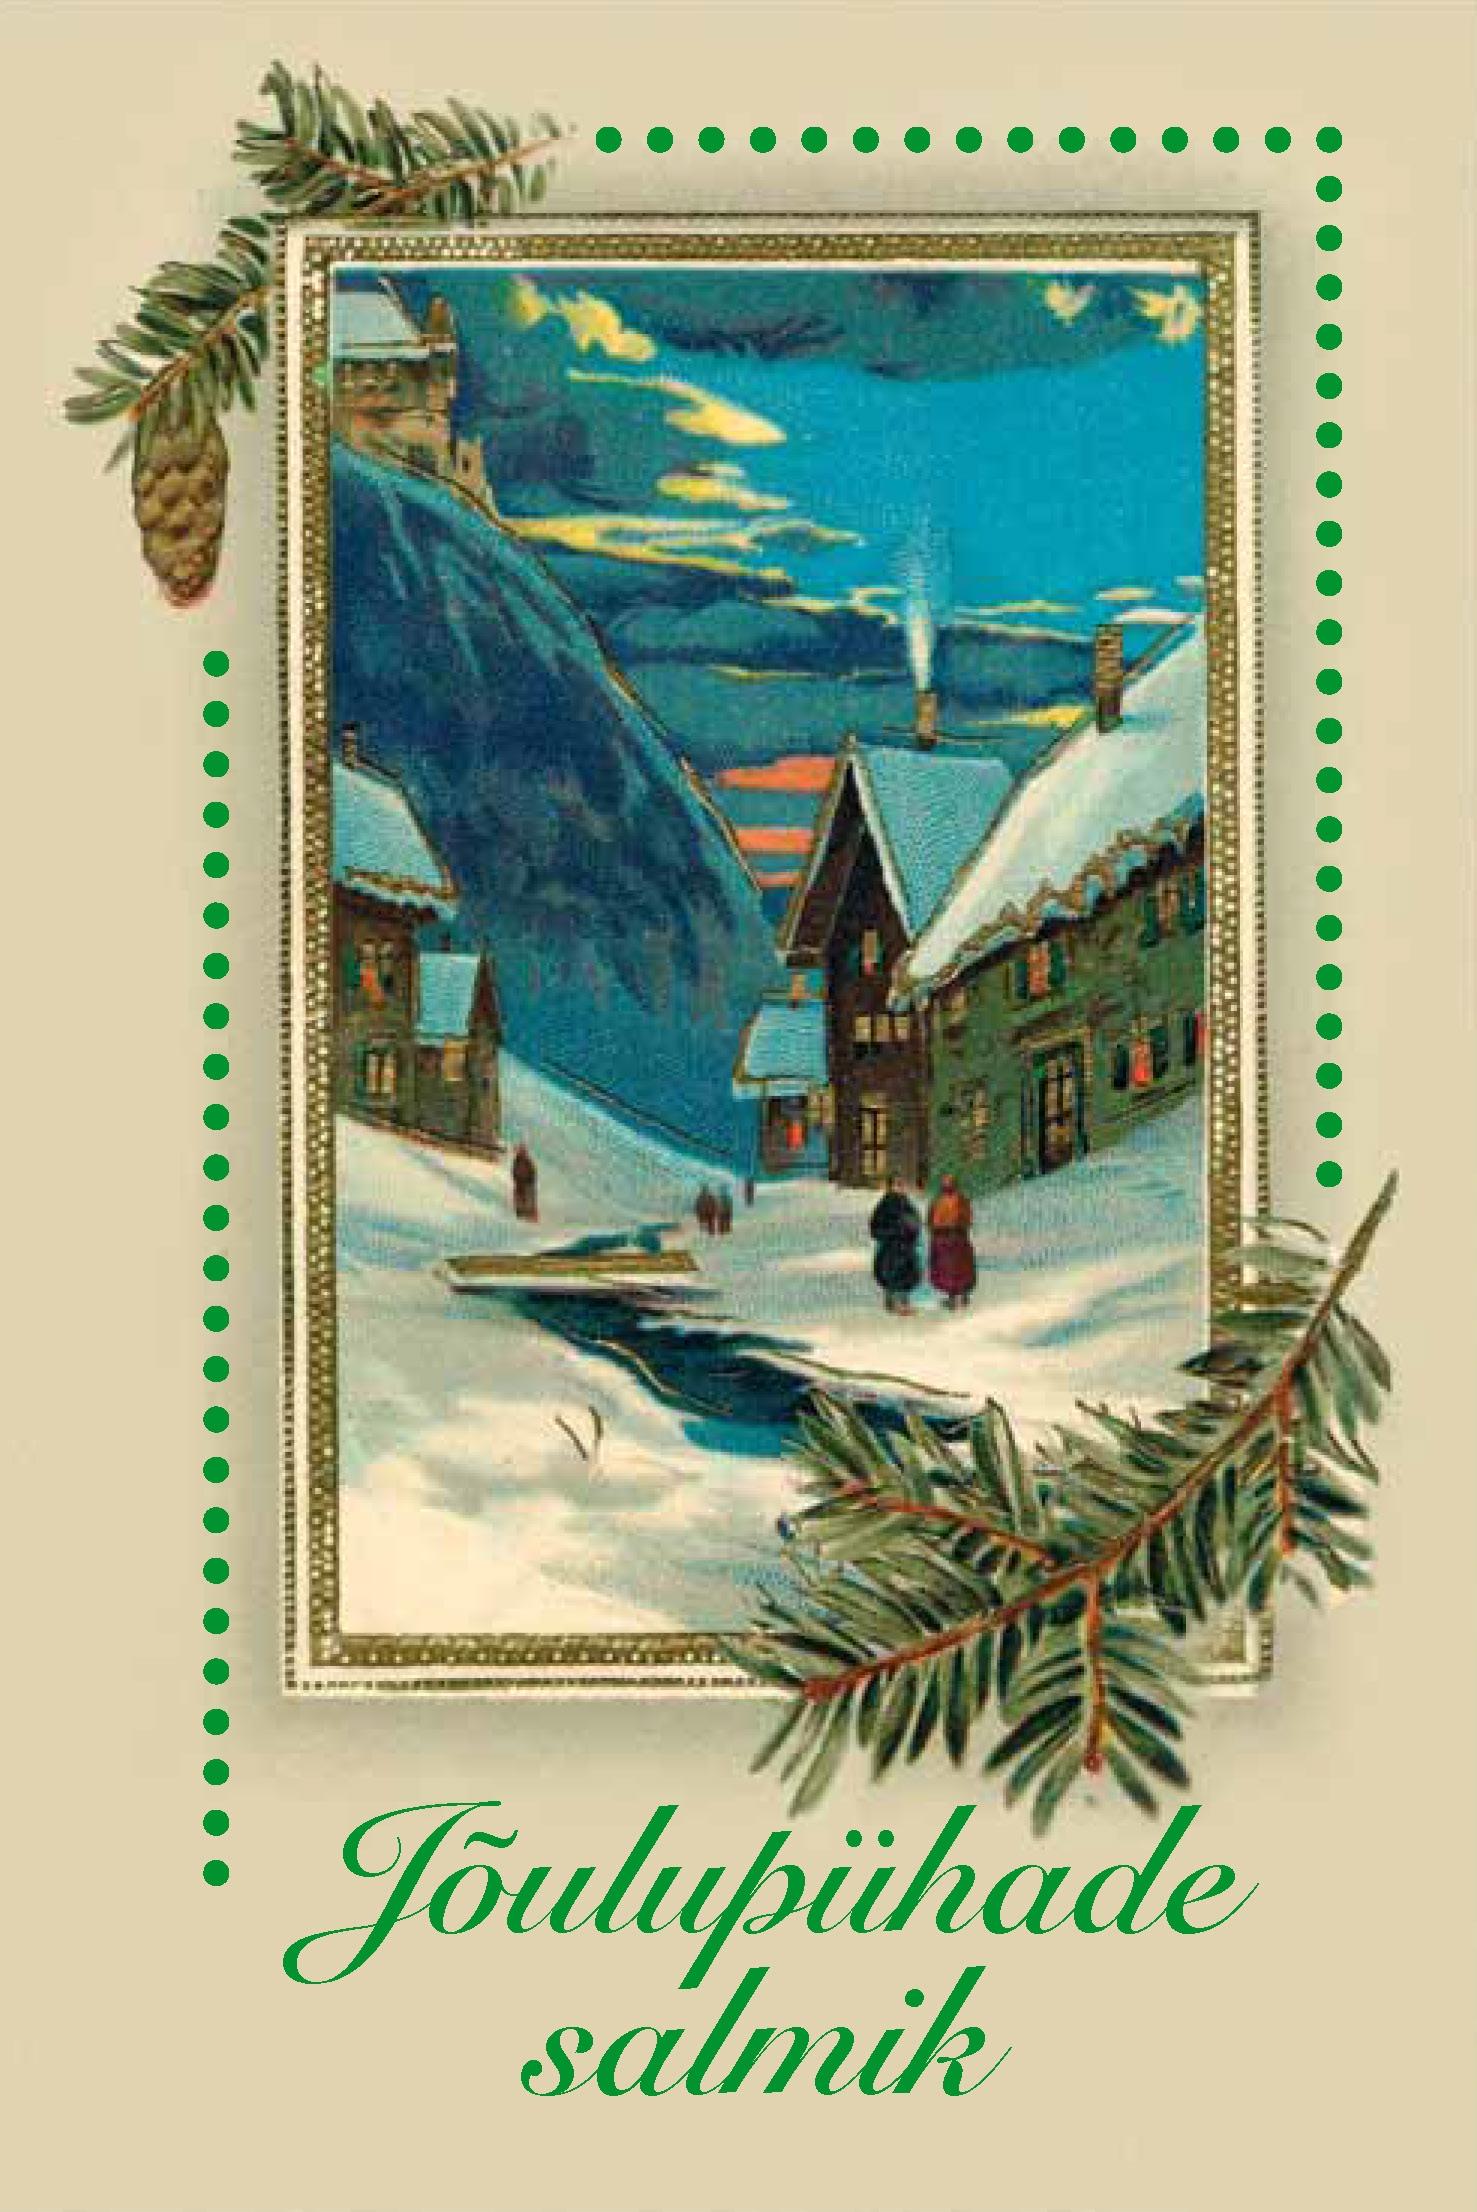 Jõulupühade salmik